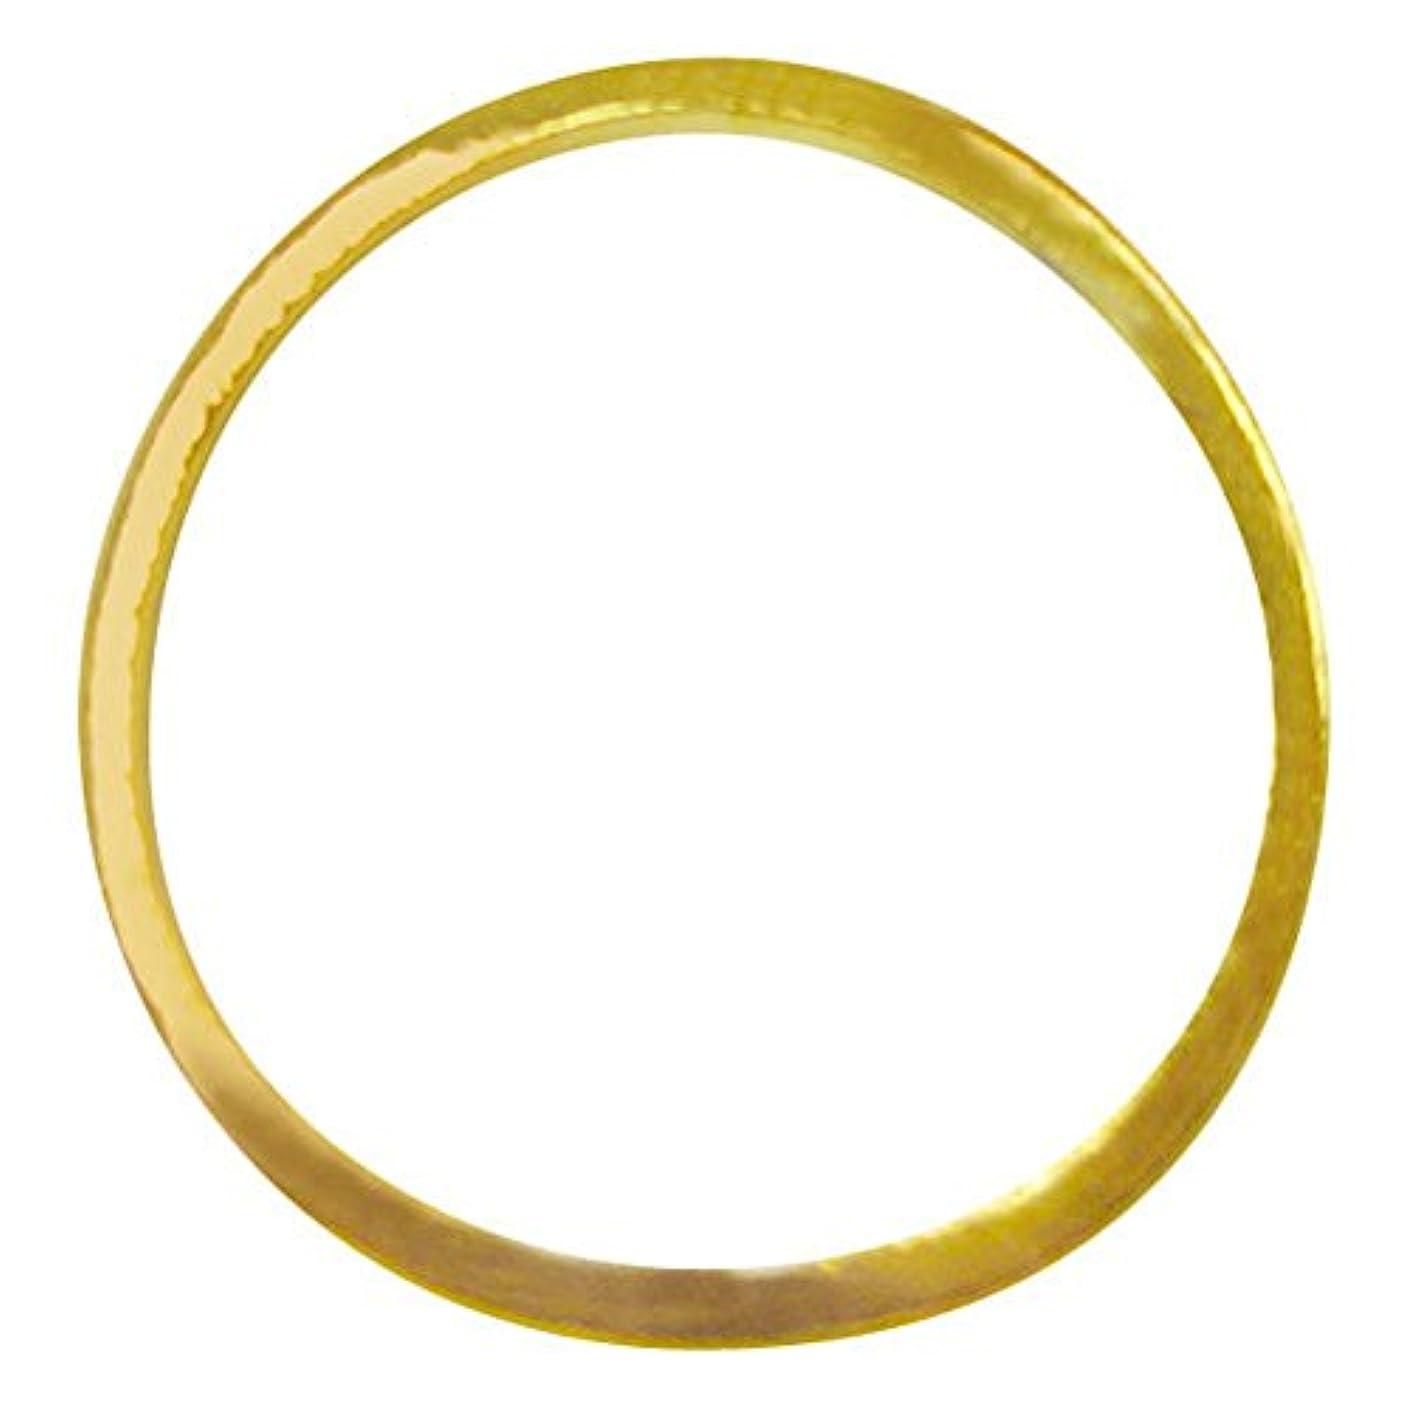 コークスにぎやか前任者ジェルネイル  サンシャインベビー シンプル ラウンドフレームL(ゴールド) 10P